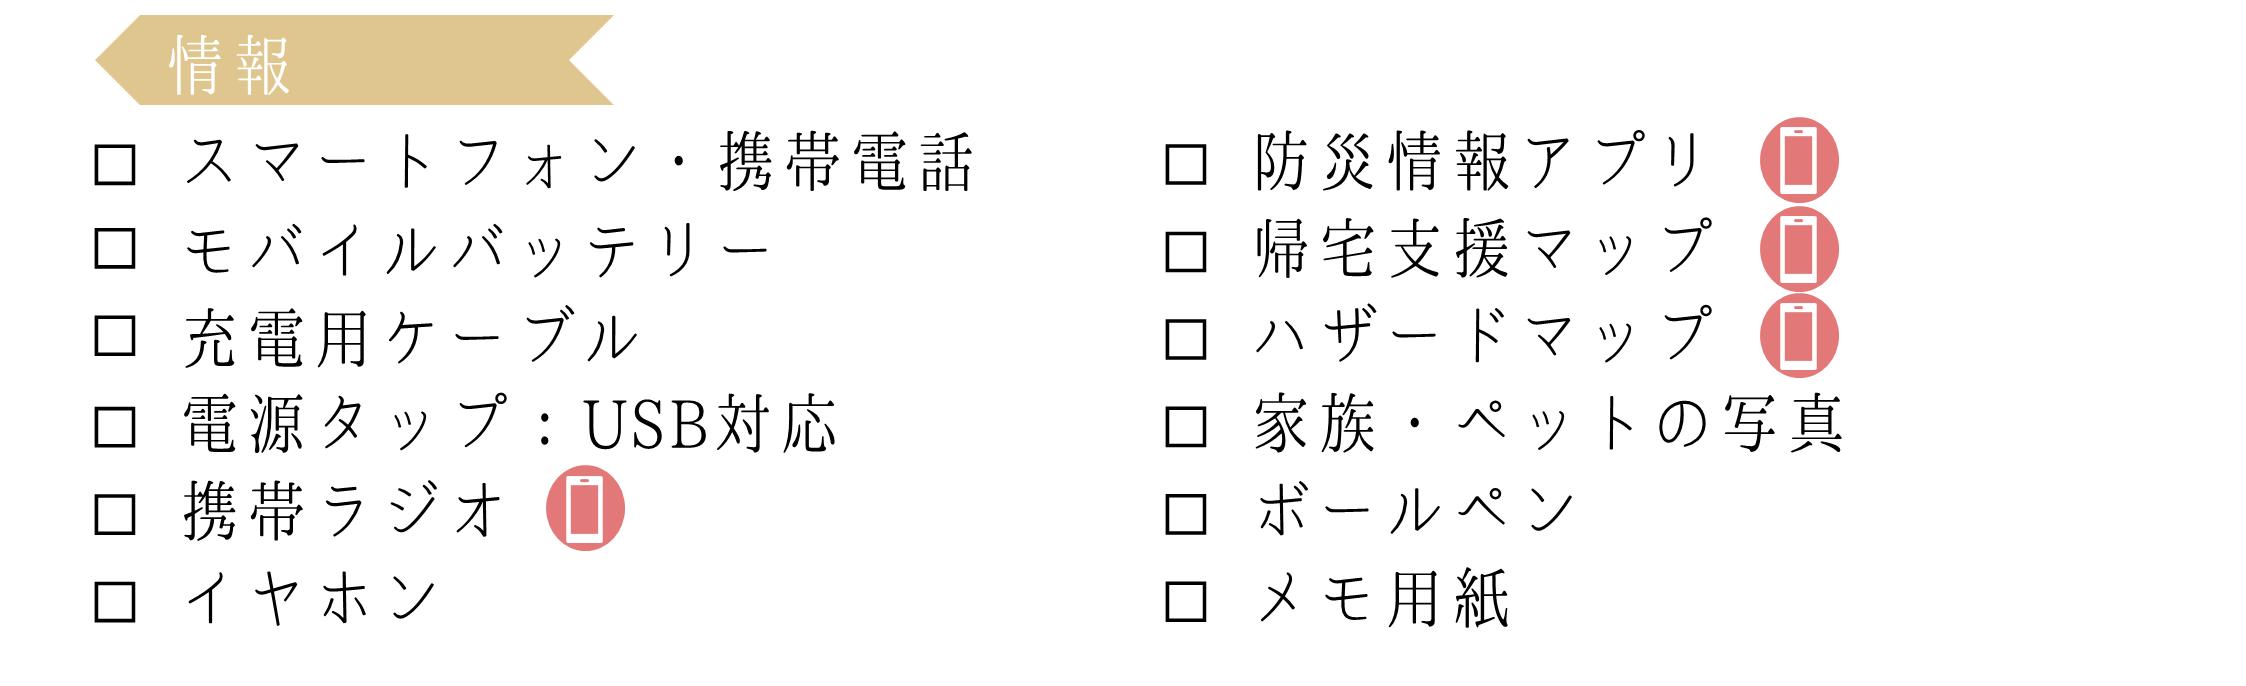 0次の備えリスト_情報